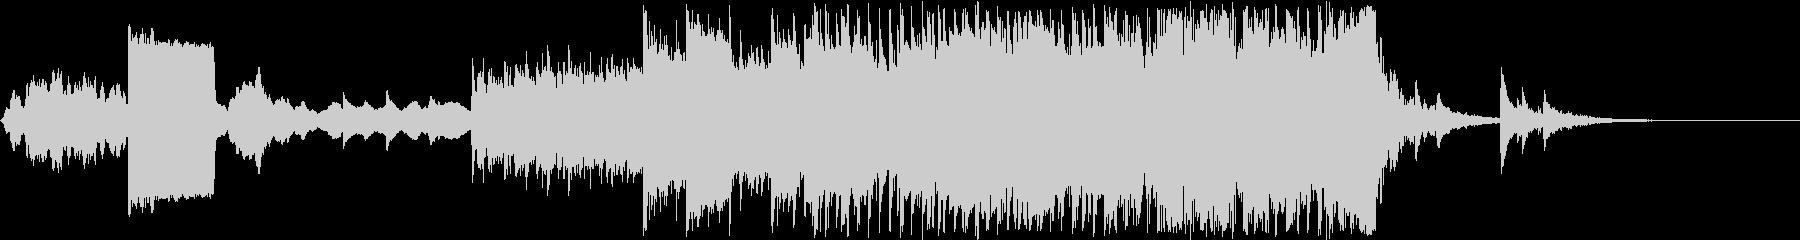 シンセを使った近未来感のある曲の未再生の波形